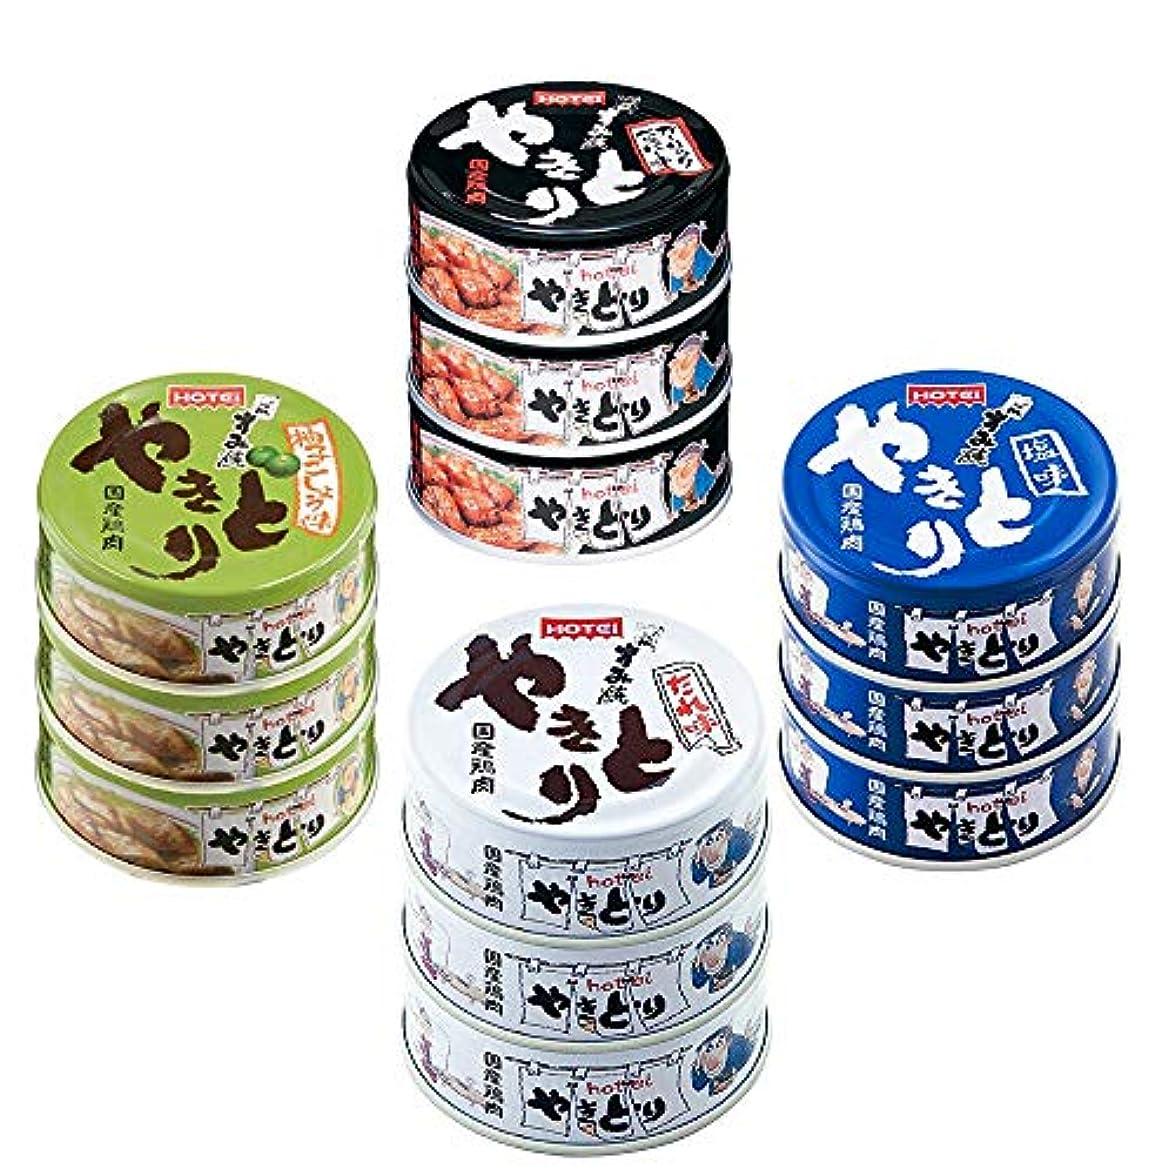 想定ヤングテレマコスホテイ ほていフーズ 缶詰 焼き鳥 たれ味 塩味 柚子こしょう味 ガーリックペッパー味 4種12缶セット